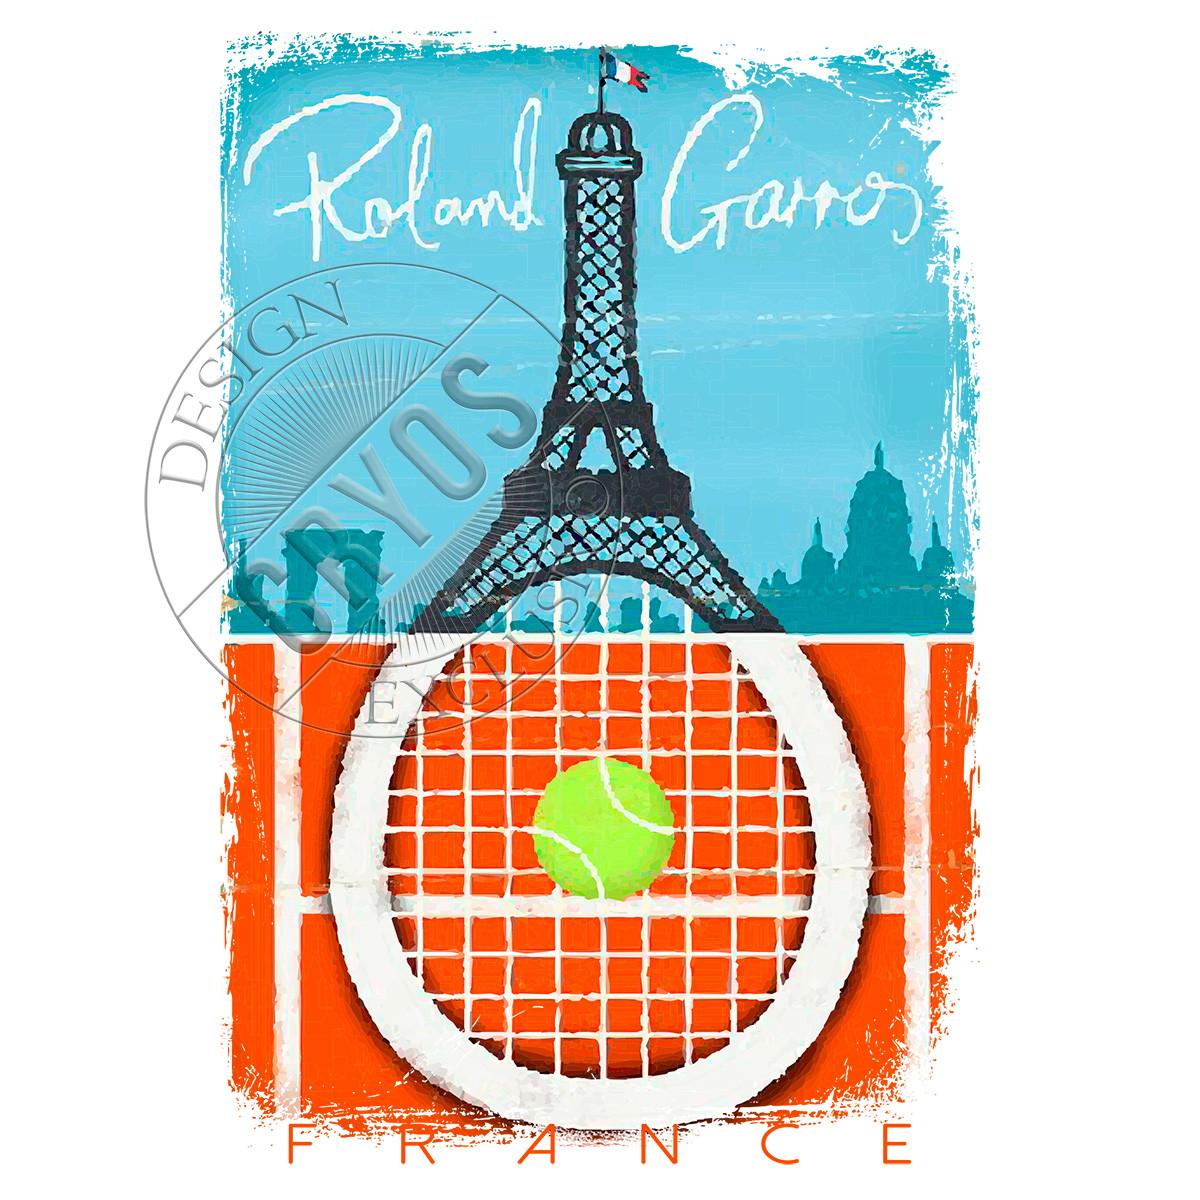 223ddf1e590 2 Camisa Camisetas Tennis Branca Roupa Masculina Promoção no Elo7 ...